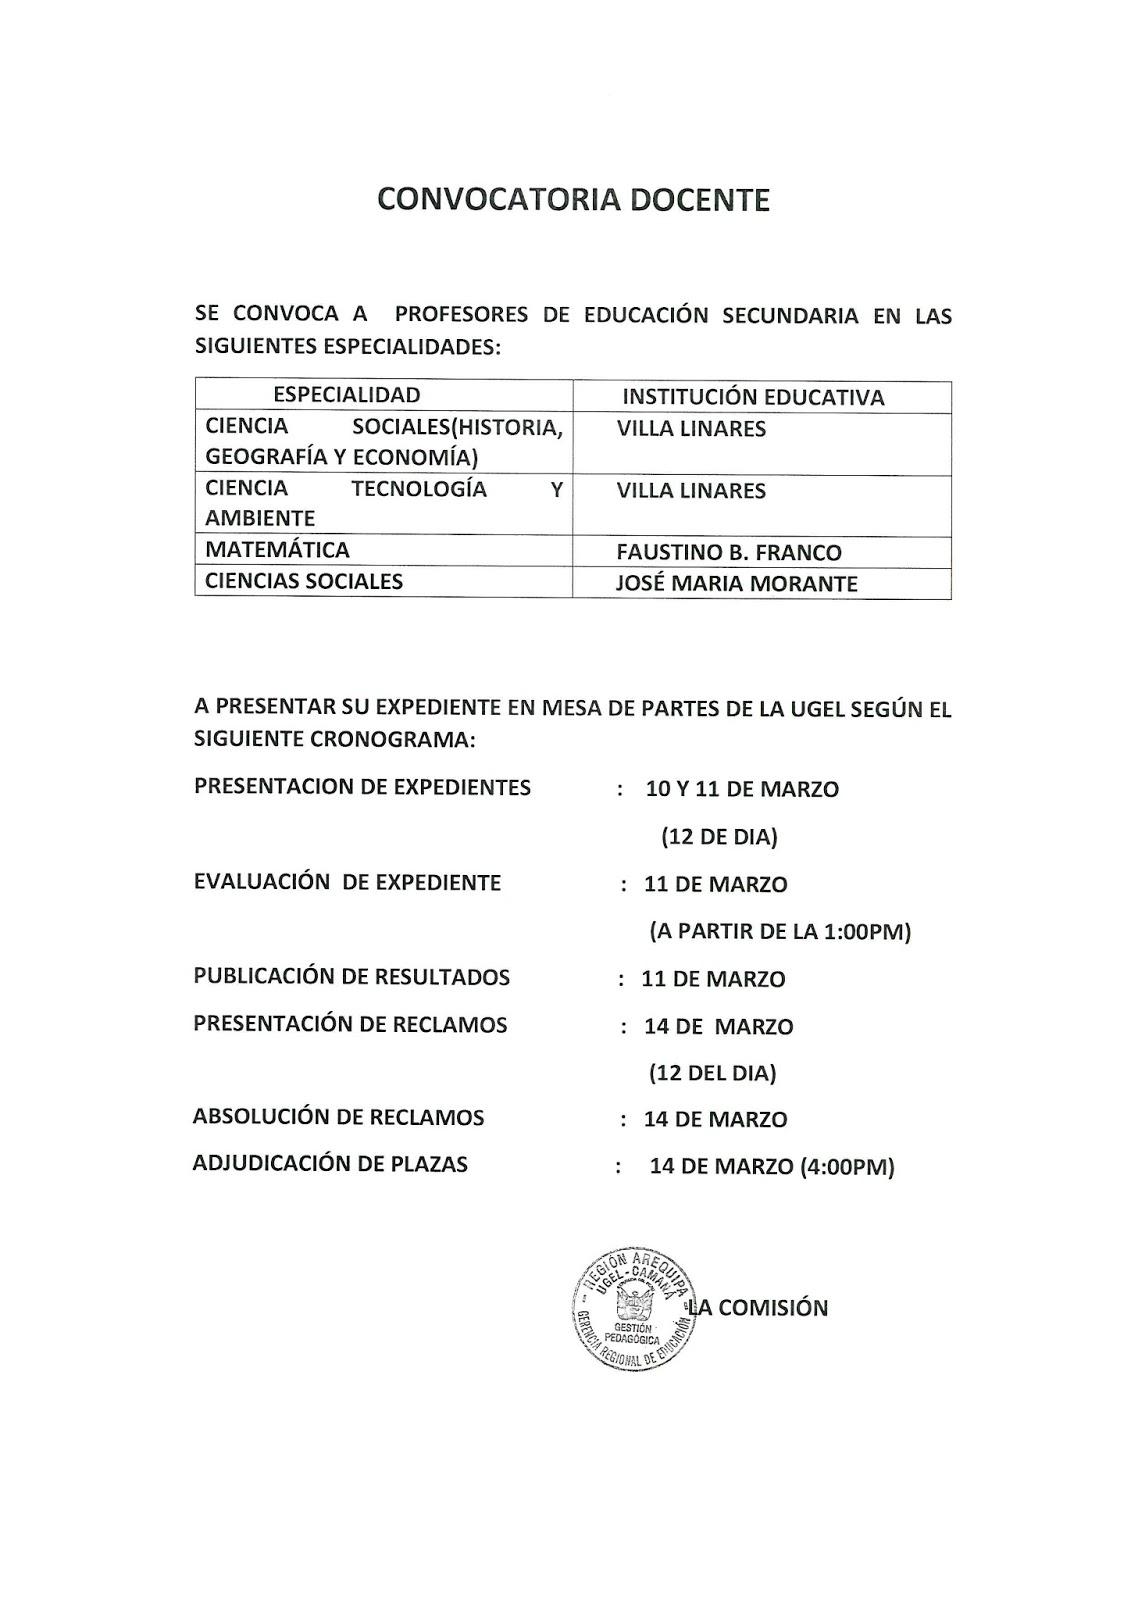 Contrato docente 2016 plazas vacantes de ciencias Convocatoria para las plazas docentes 2016